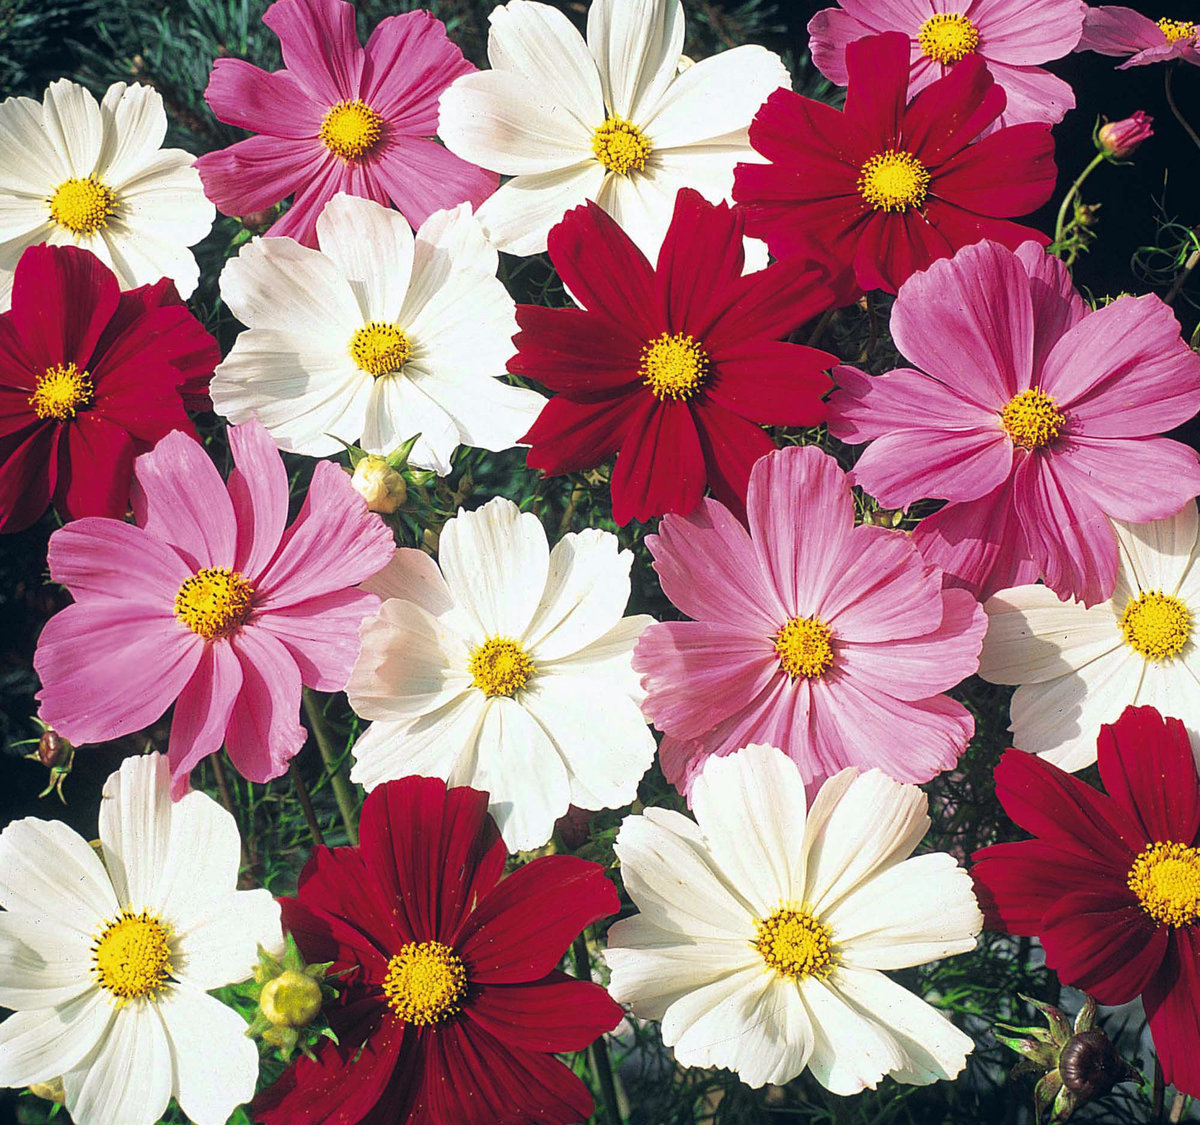 разные цветы фото и название пандемии коронавируса